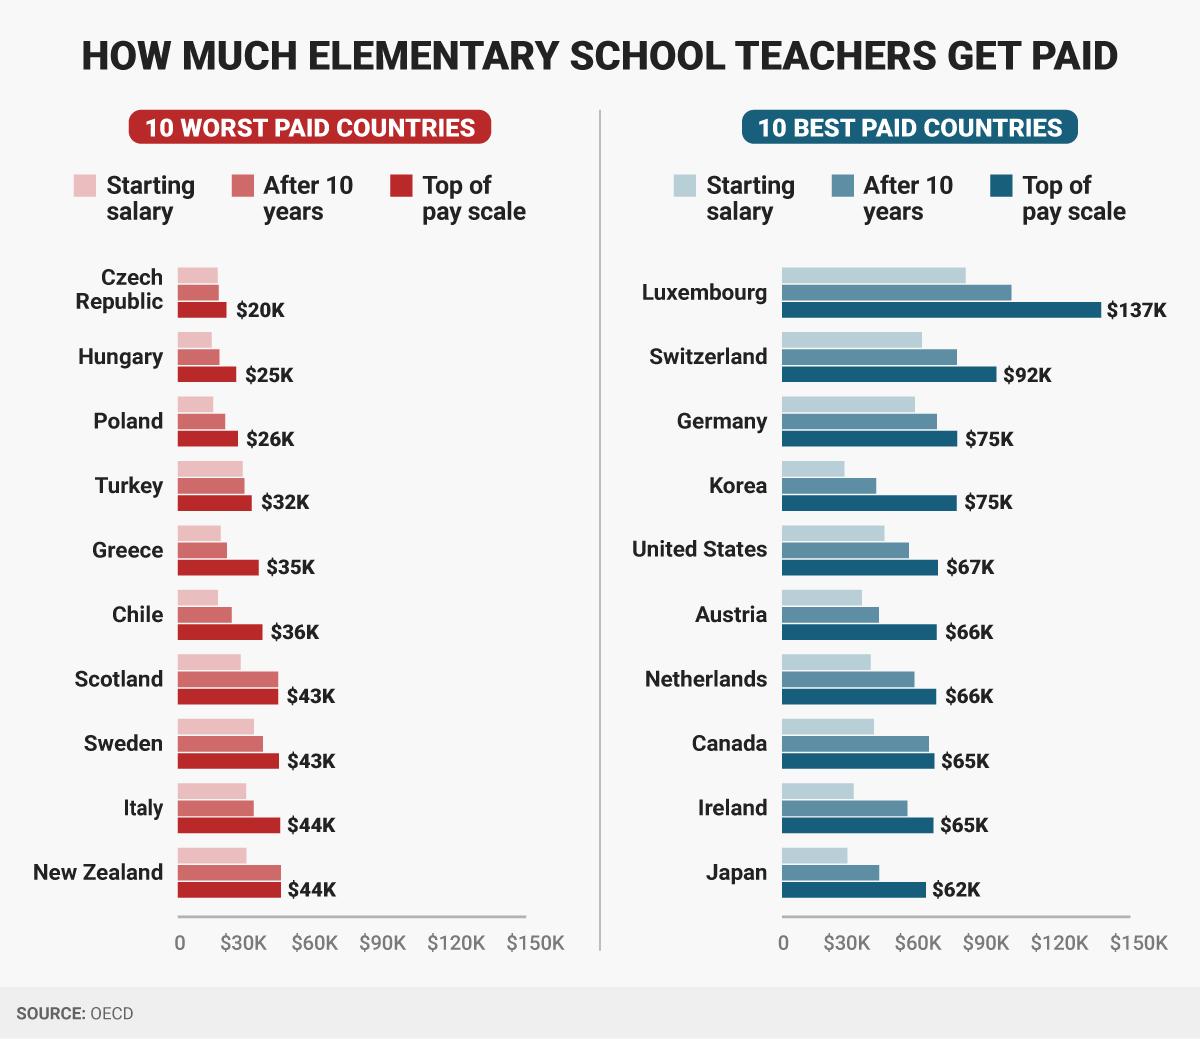 هذه أفضل 10 دول للعمل فيها كمعلم مدرسة